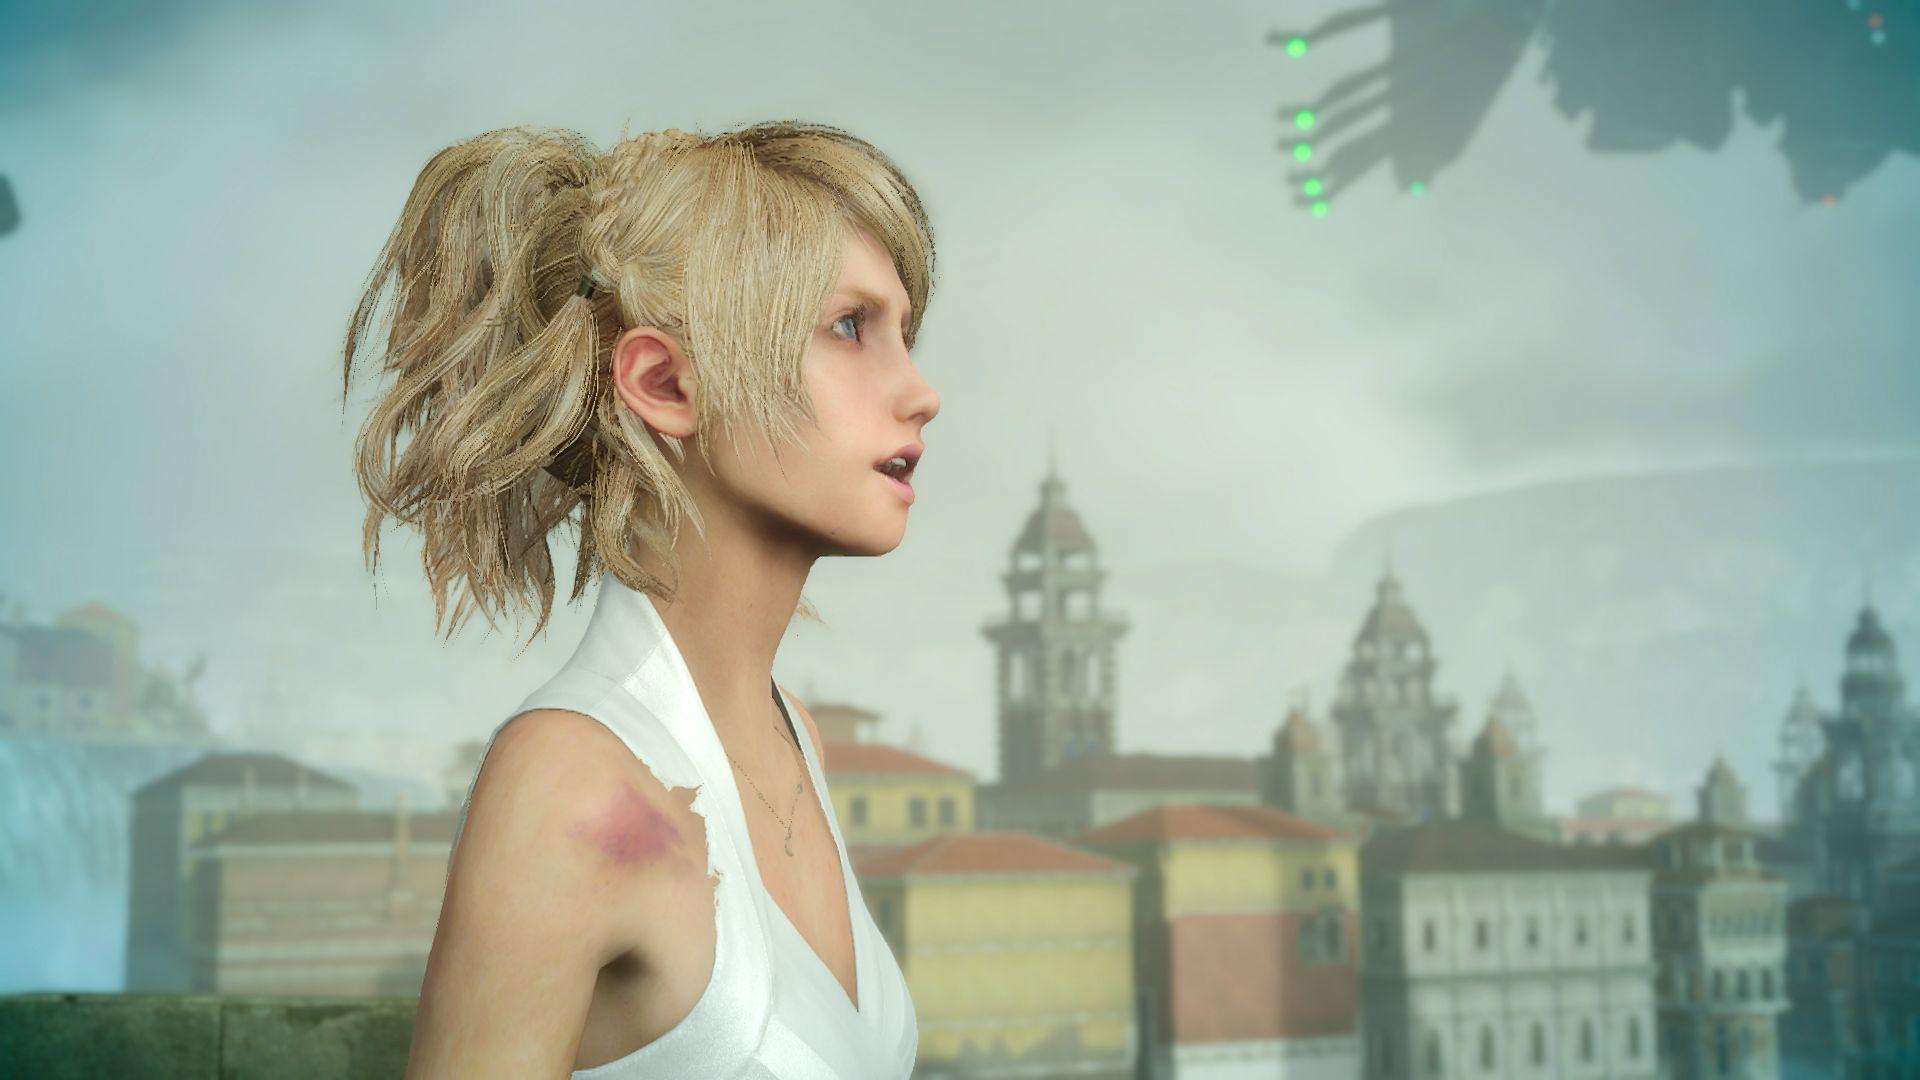 Final_Fantasy_XV_16.jpg